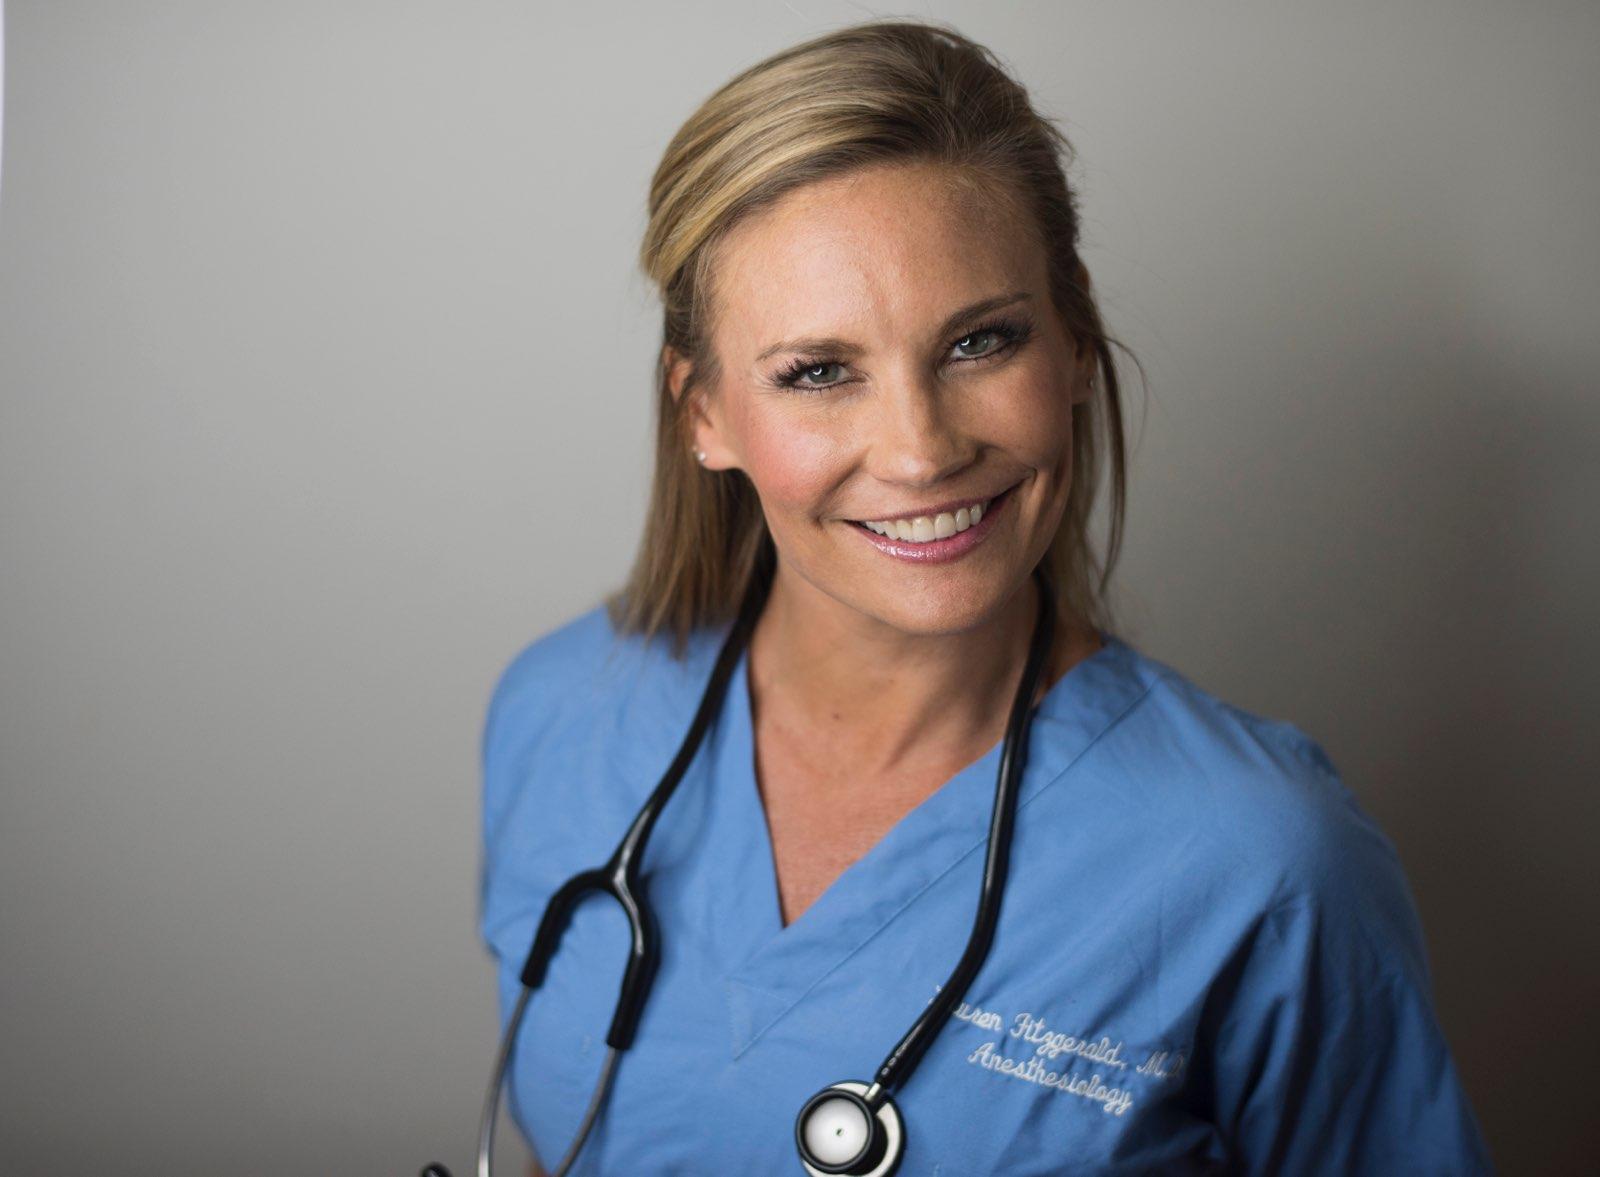 Lauren Fitzgerald, MD